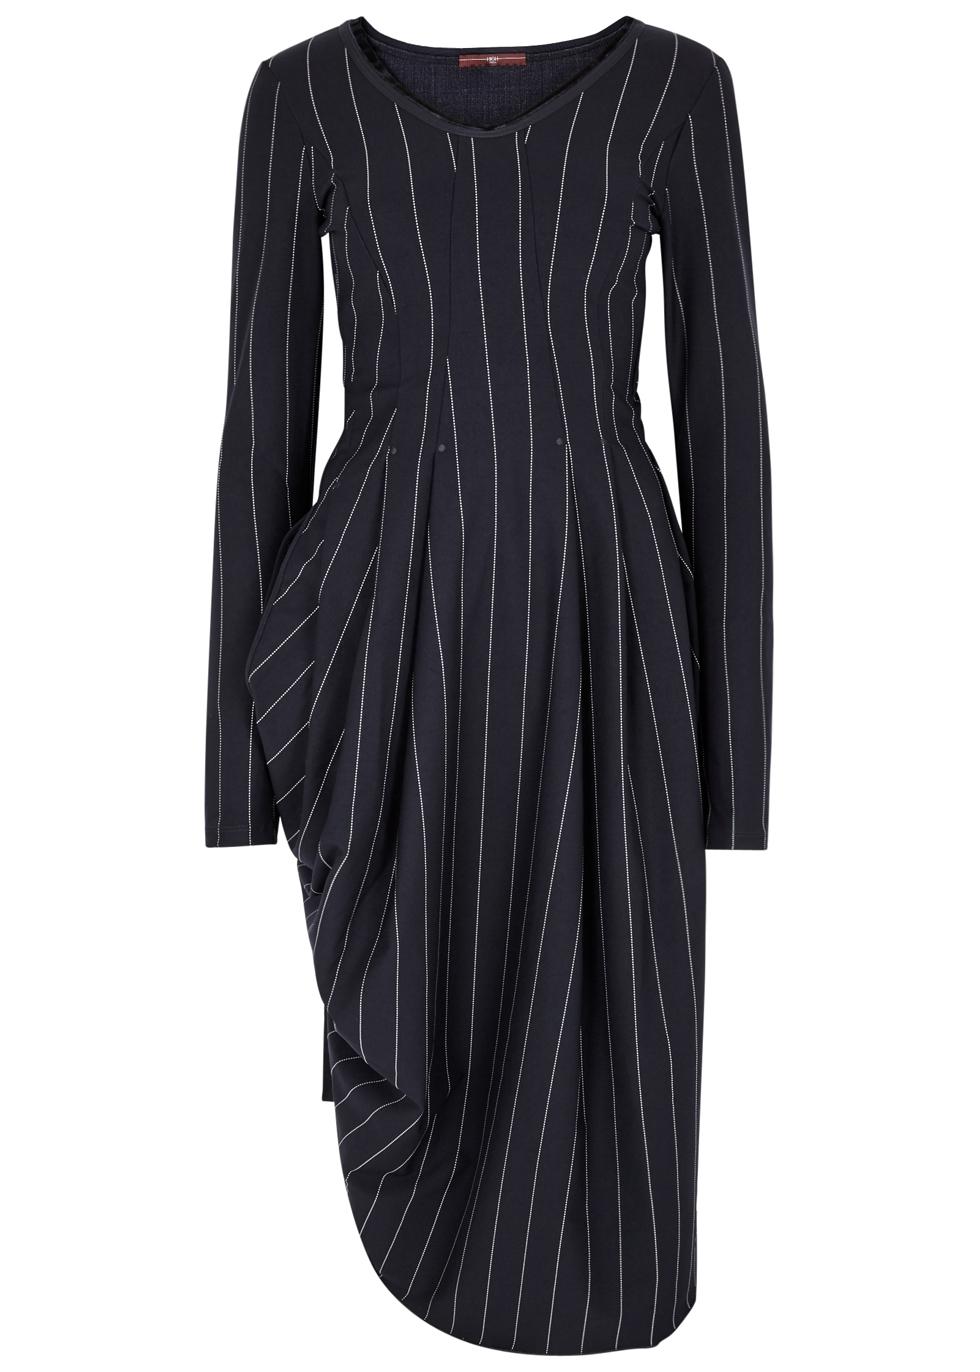 HIGH SLENDER NAVY PINSTRIPED JERSEY DRESS